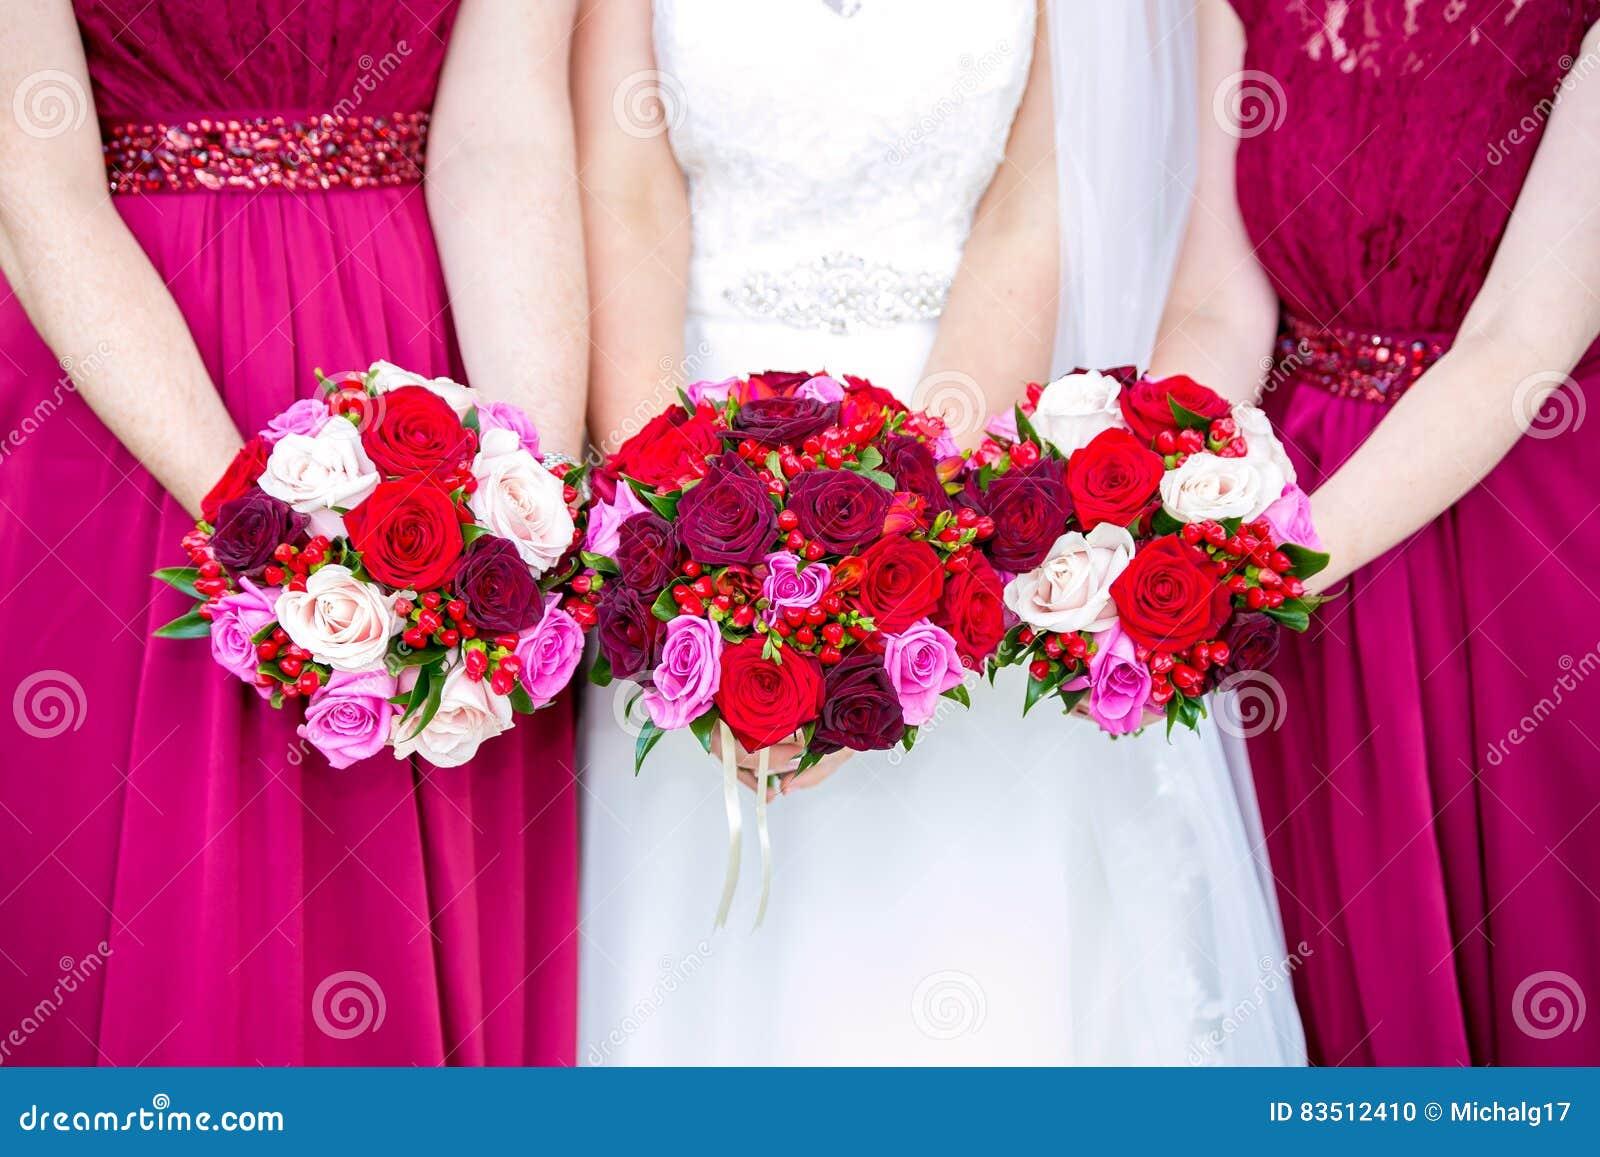 Schöne Hochzeitsblumensträuße